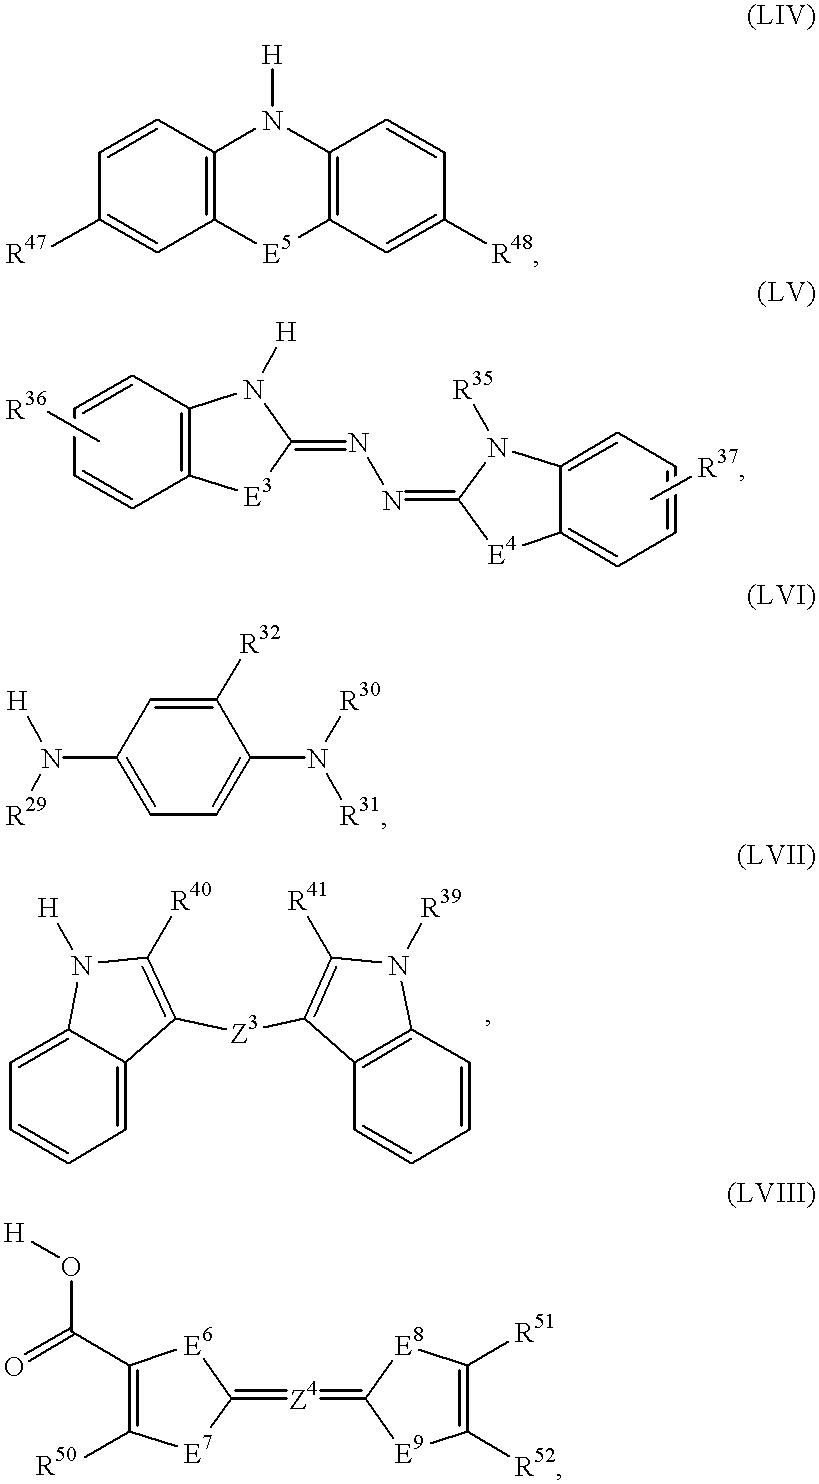 Figure US06241916-20010605-C00025